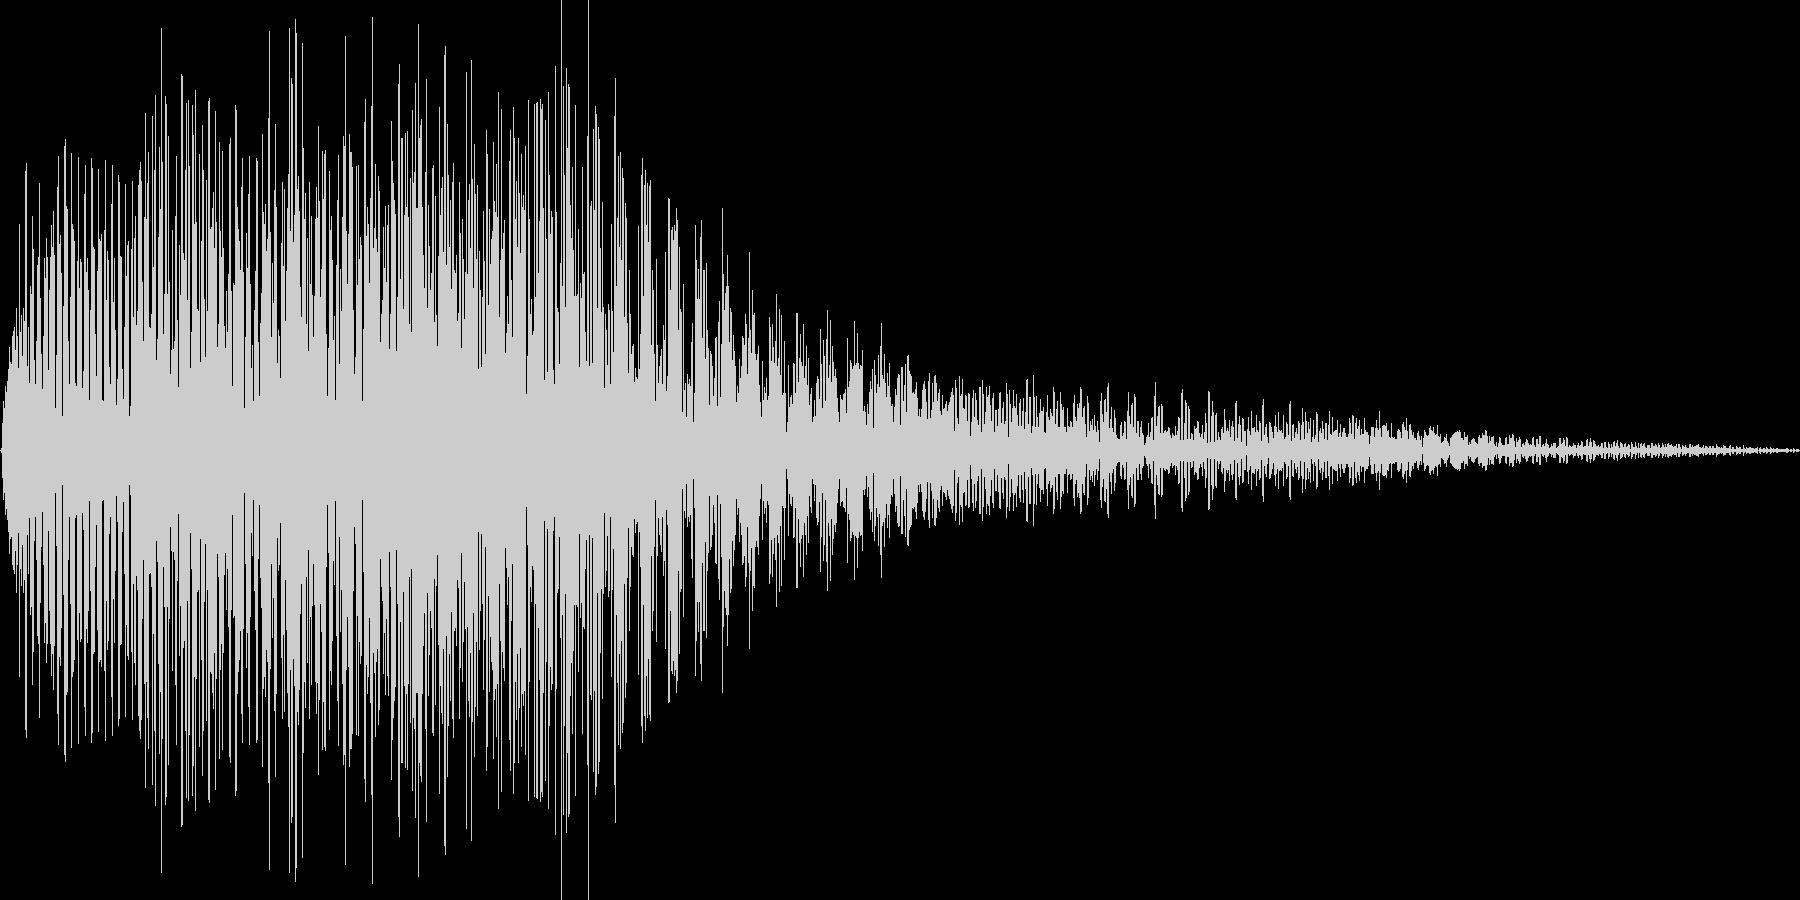 キロロン(アイテム獲得 チュートリアル)の未再生の波形